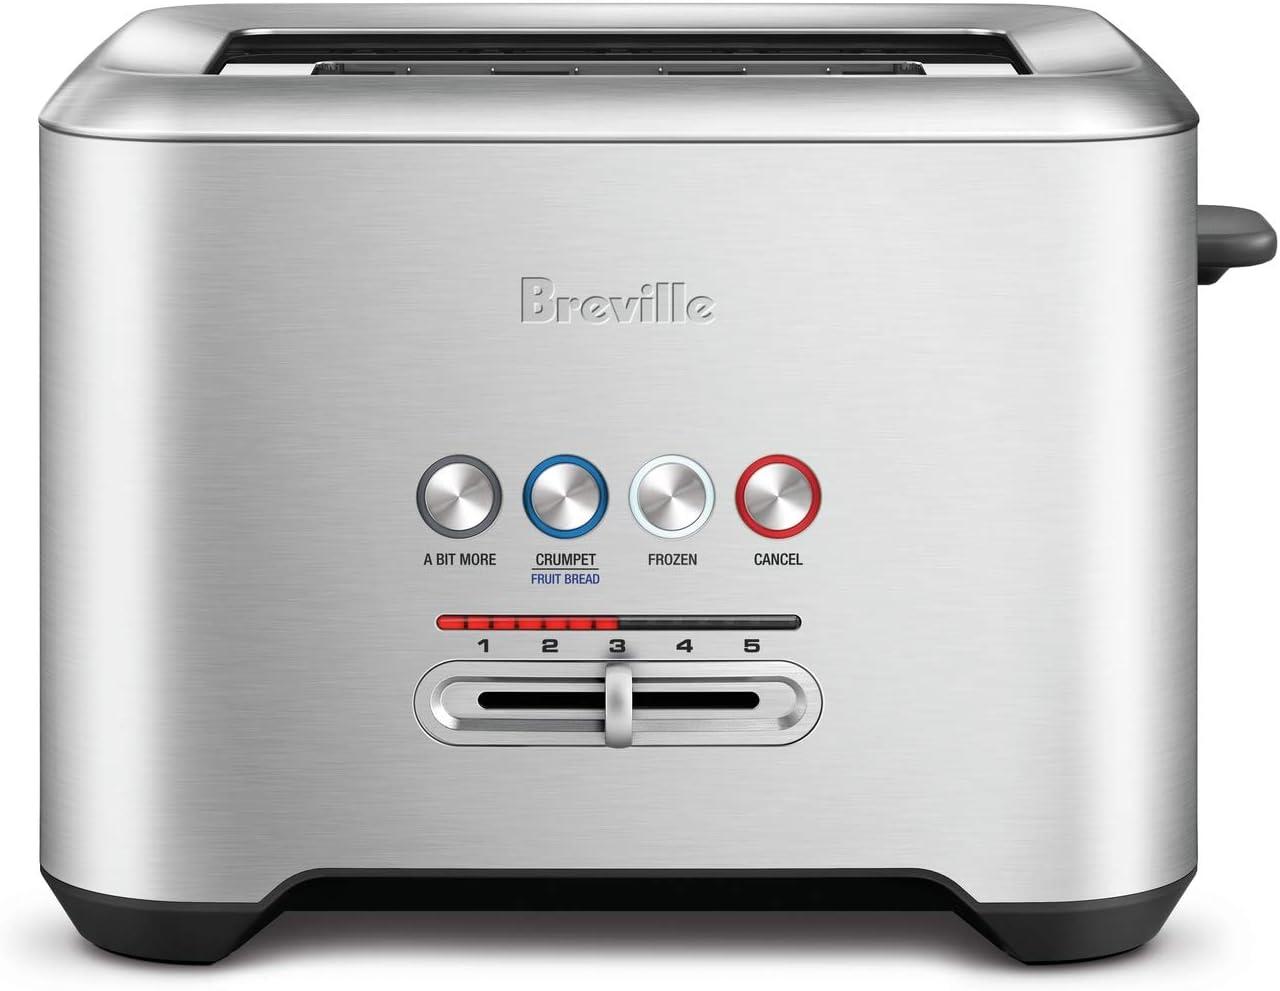 Breville BTA720XL Bit More 2-Slice Toaster